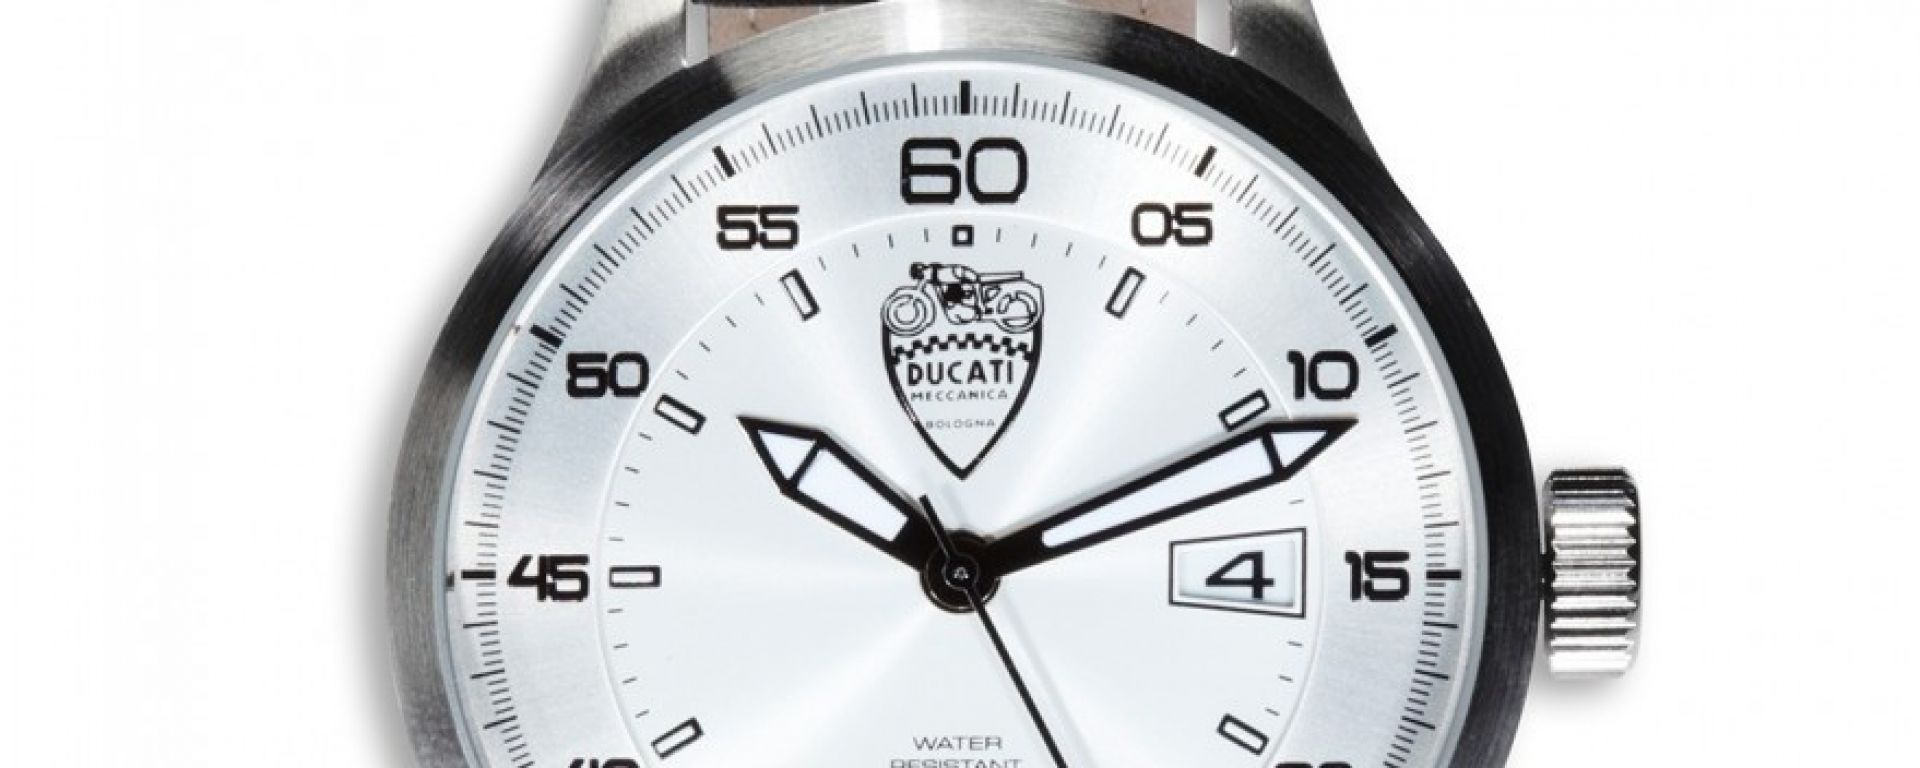 Regali di Natale: l'orologio Ducati Tempo Retrò